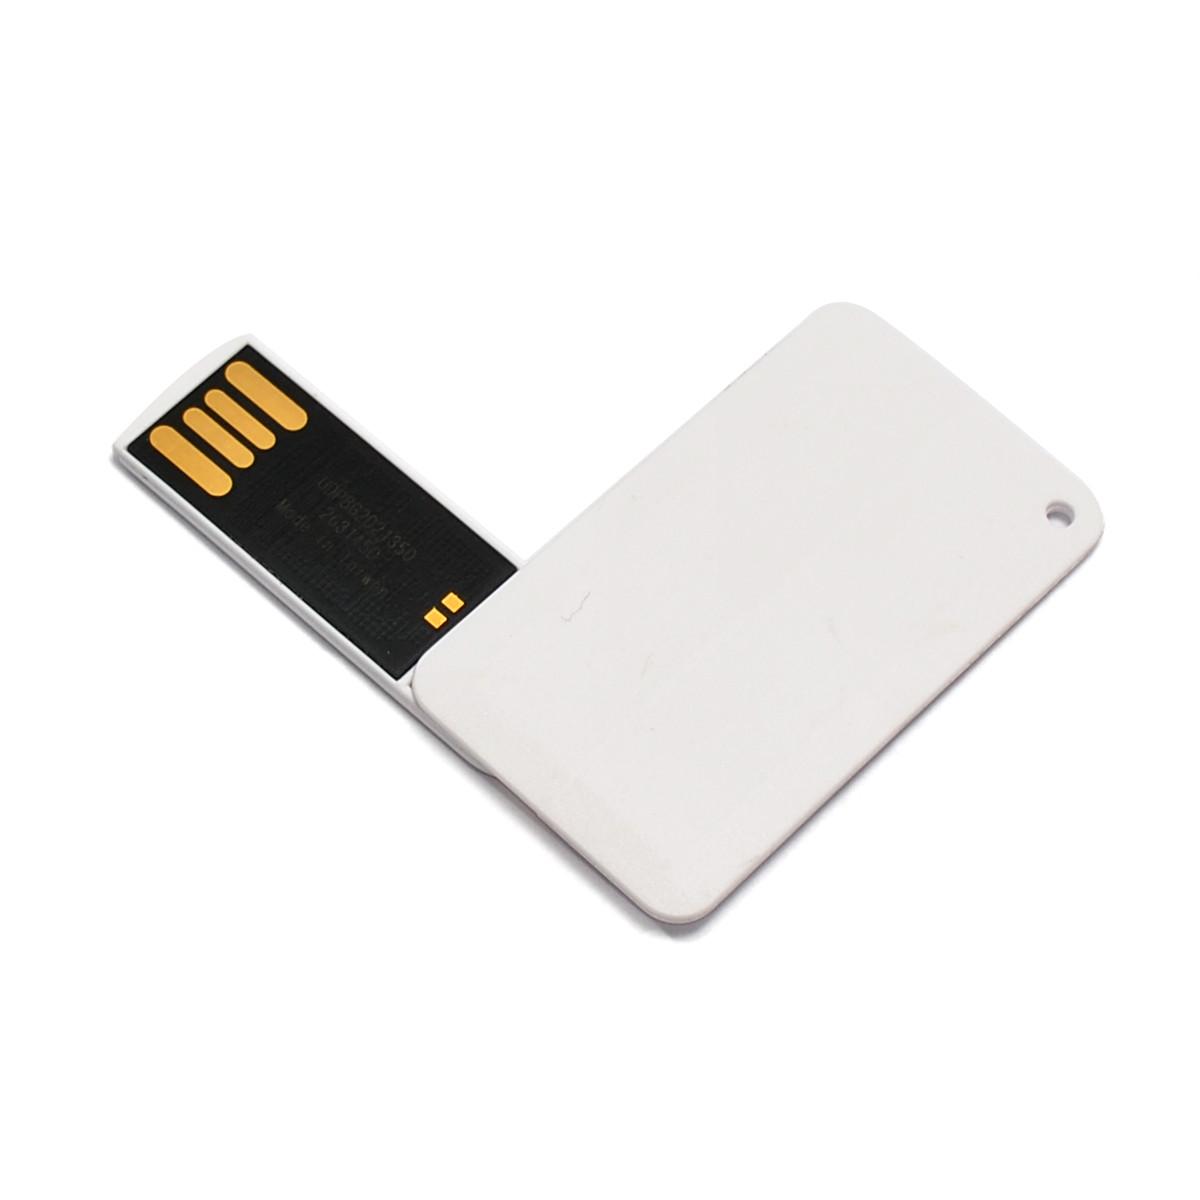 Флешка-карточка мини поворотная с уф-печатью 4 Гб (1031-4-Гб)